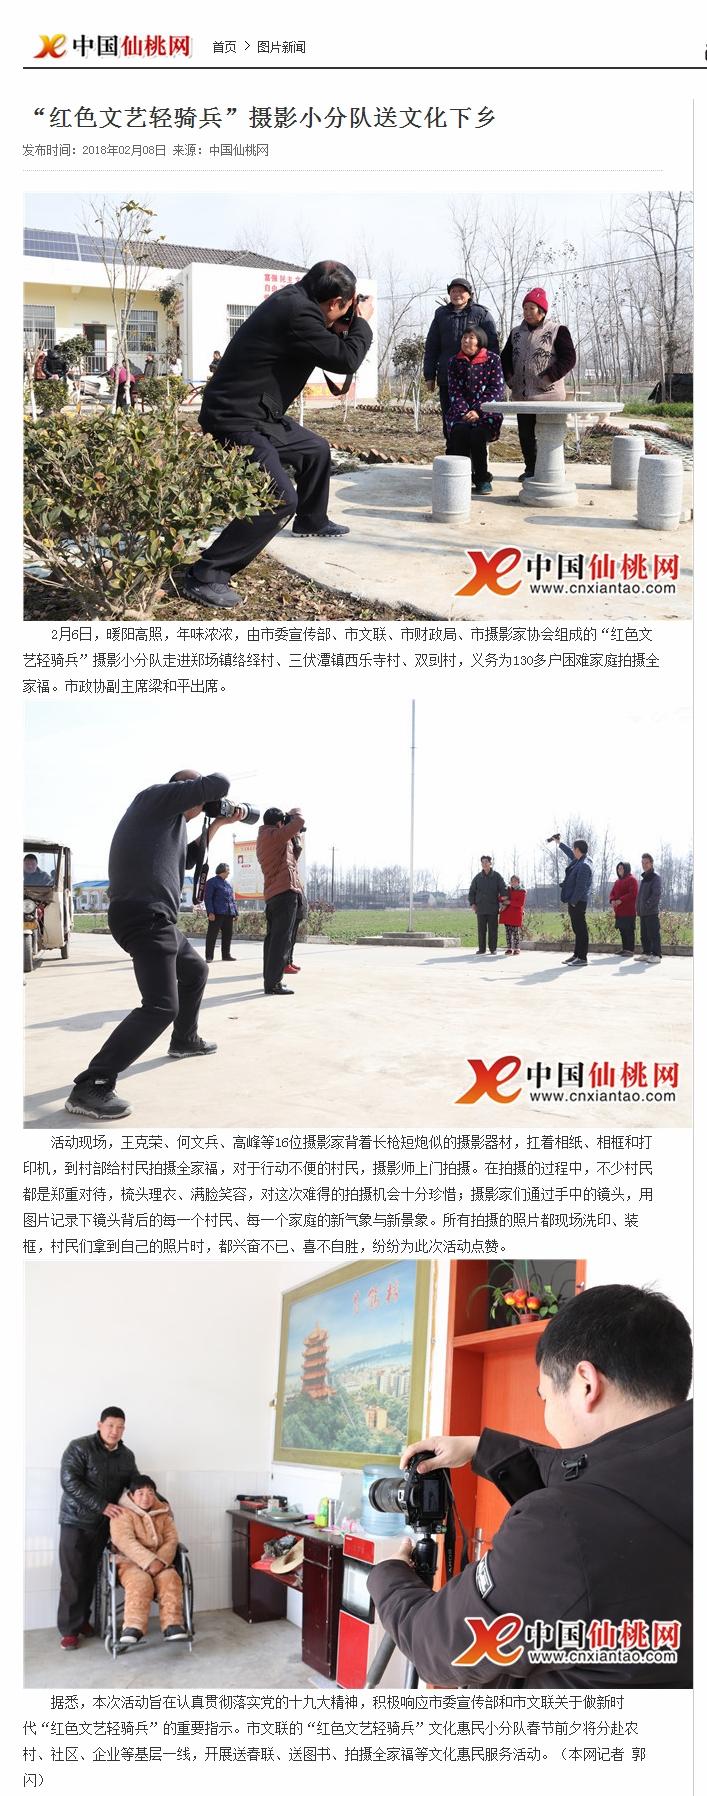 """""""红色文艺轻骑兵""""摄影小分队送文化下乡——图片新闻.jpg"""